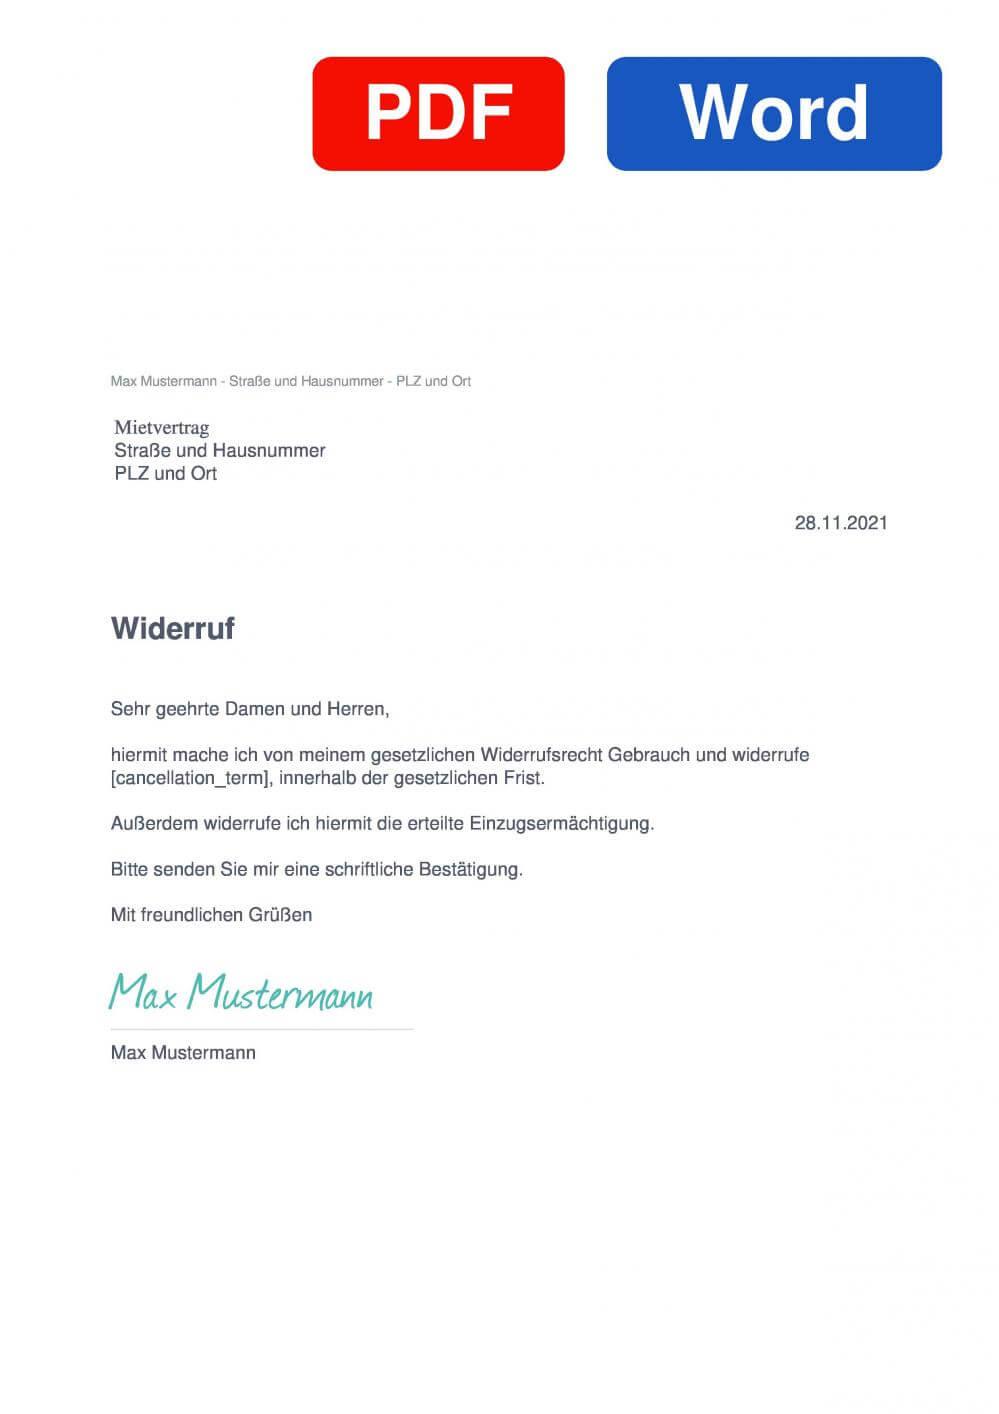 Mietvertrag Muster Vorlage für Wiederrufsschreiben